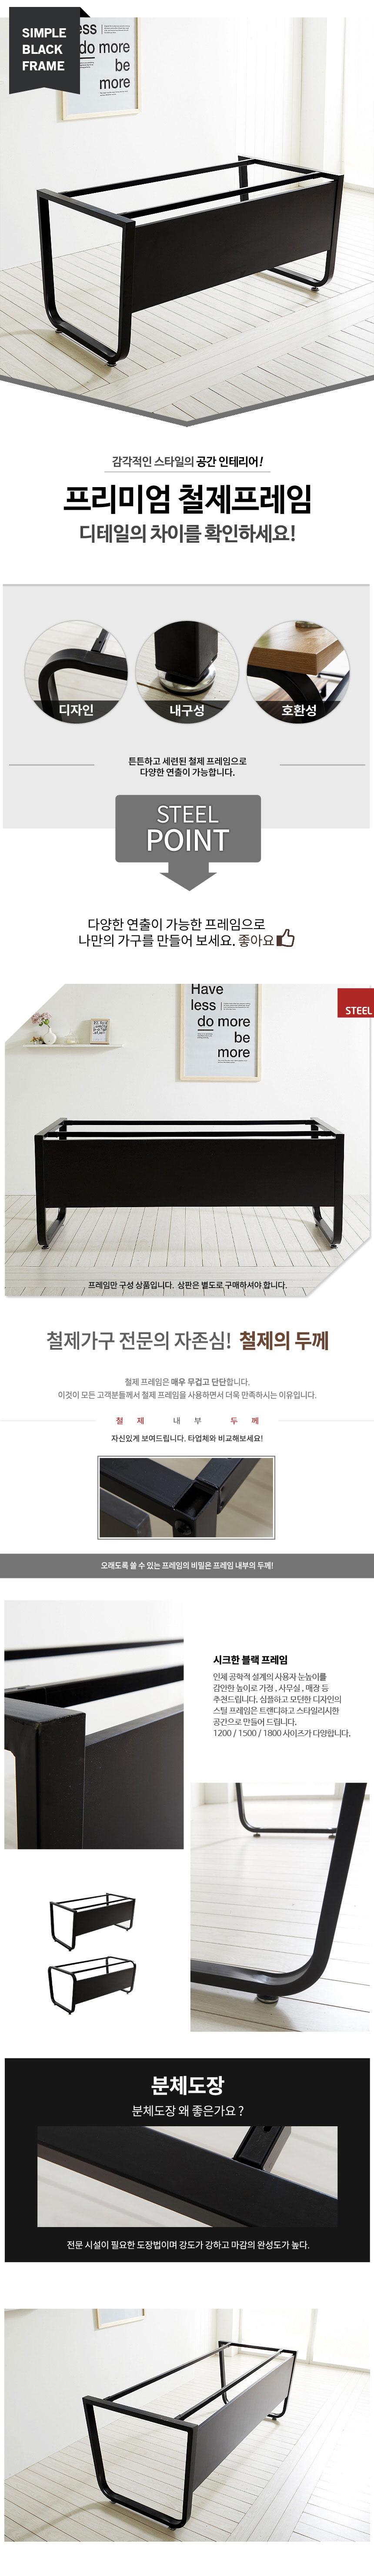 스틸뷰 1500 책상 철제프레임 - 동화속나무, 159,000원, DIY 책상/의자, DIY 책상/테이블